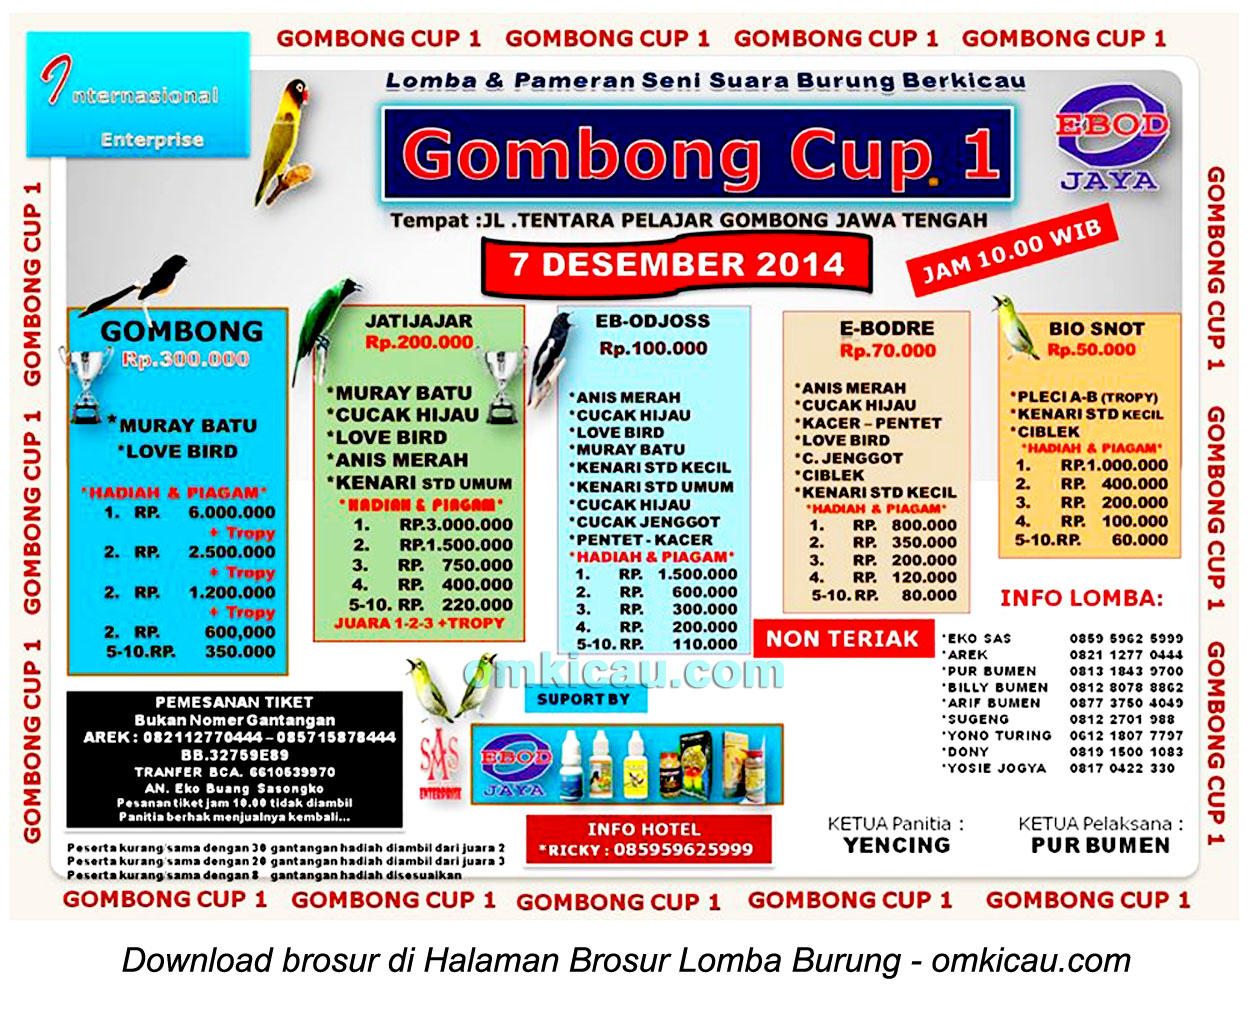 Brosur Lomba Burung Berkicau Gombong Cup 1, Kebumen, 7 Desember 2014